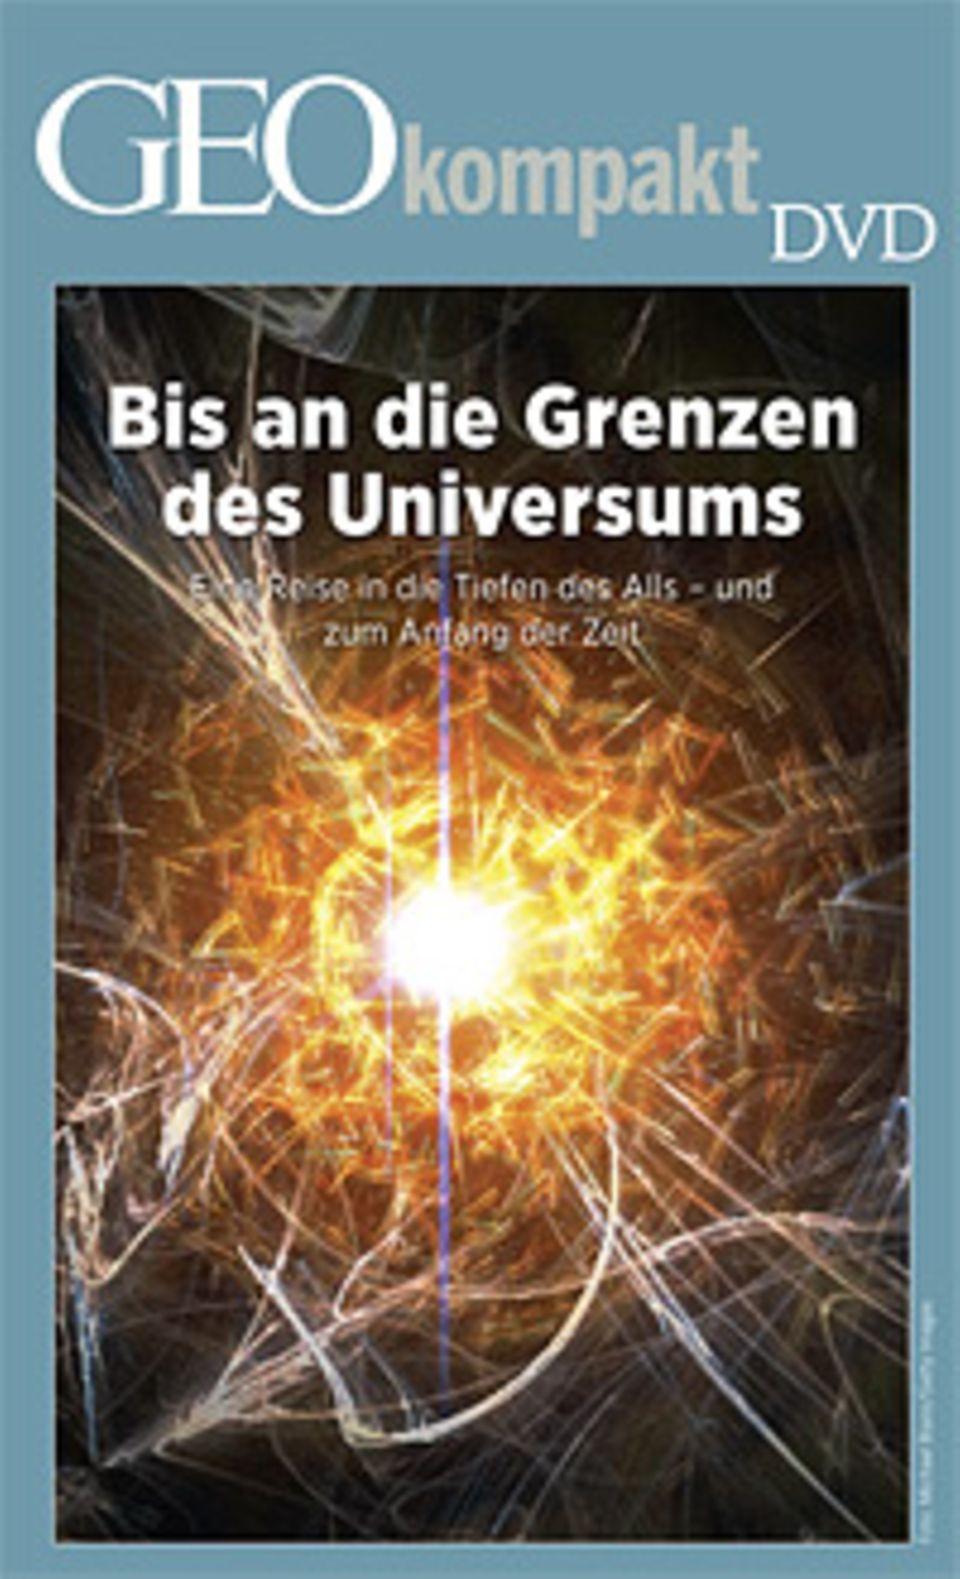 """GEOkompakt Nr. 29 """"Der Urknall"""" ist auch mit DVD erhältlich"""